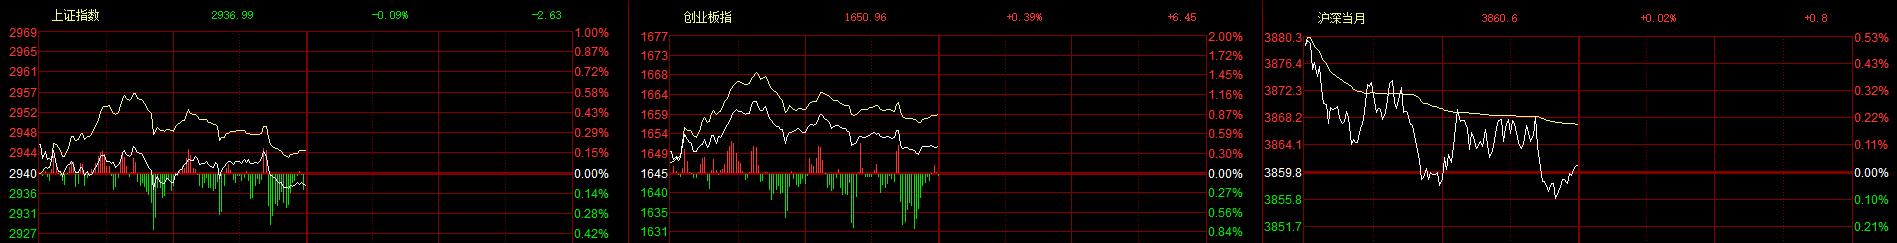 午评:两市分化沪指跌0.09% 华为海思概念股涨幅居前